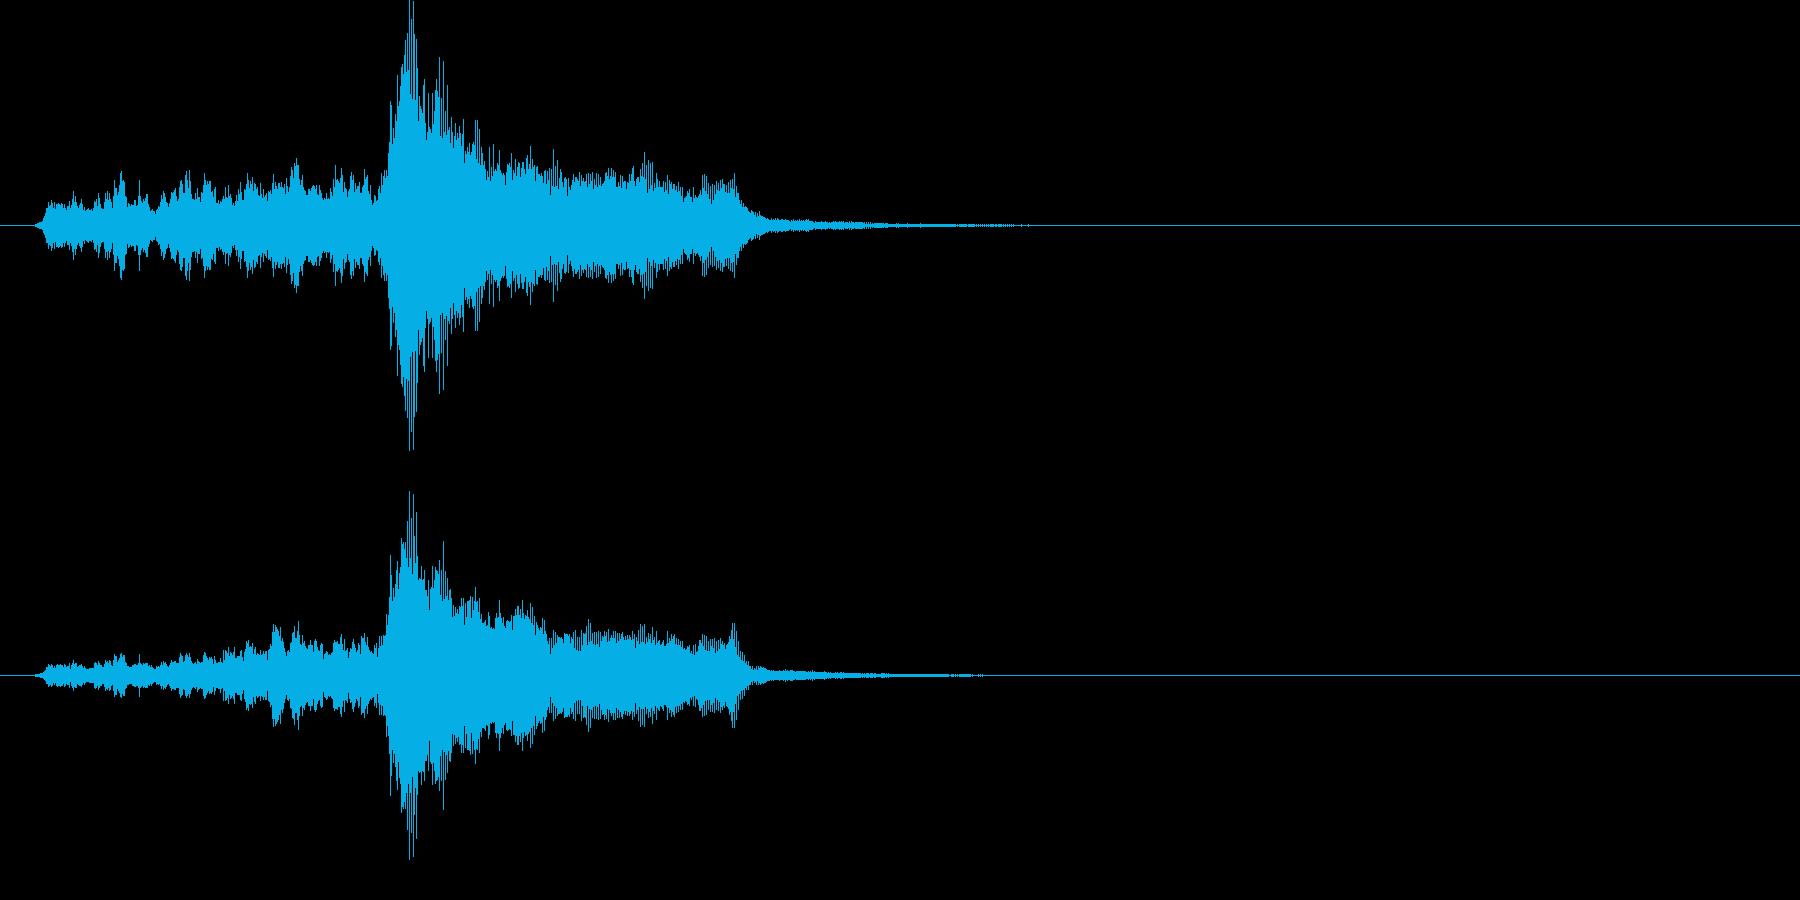 ジングル(クラシカル風)の再生済みの波形